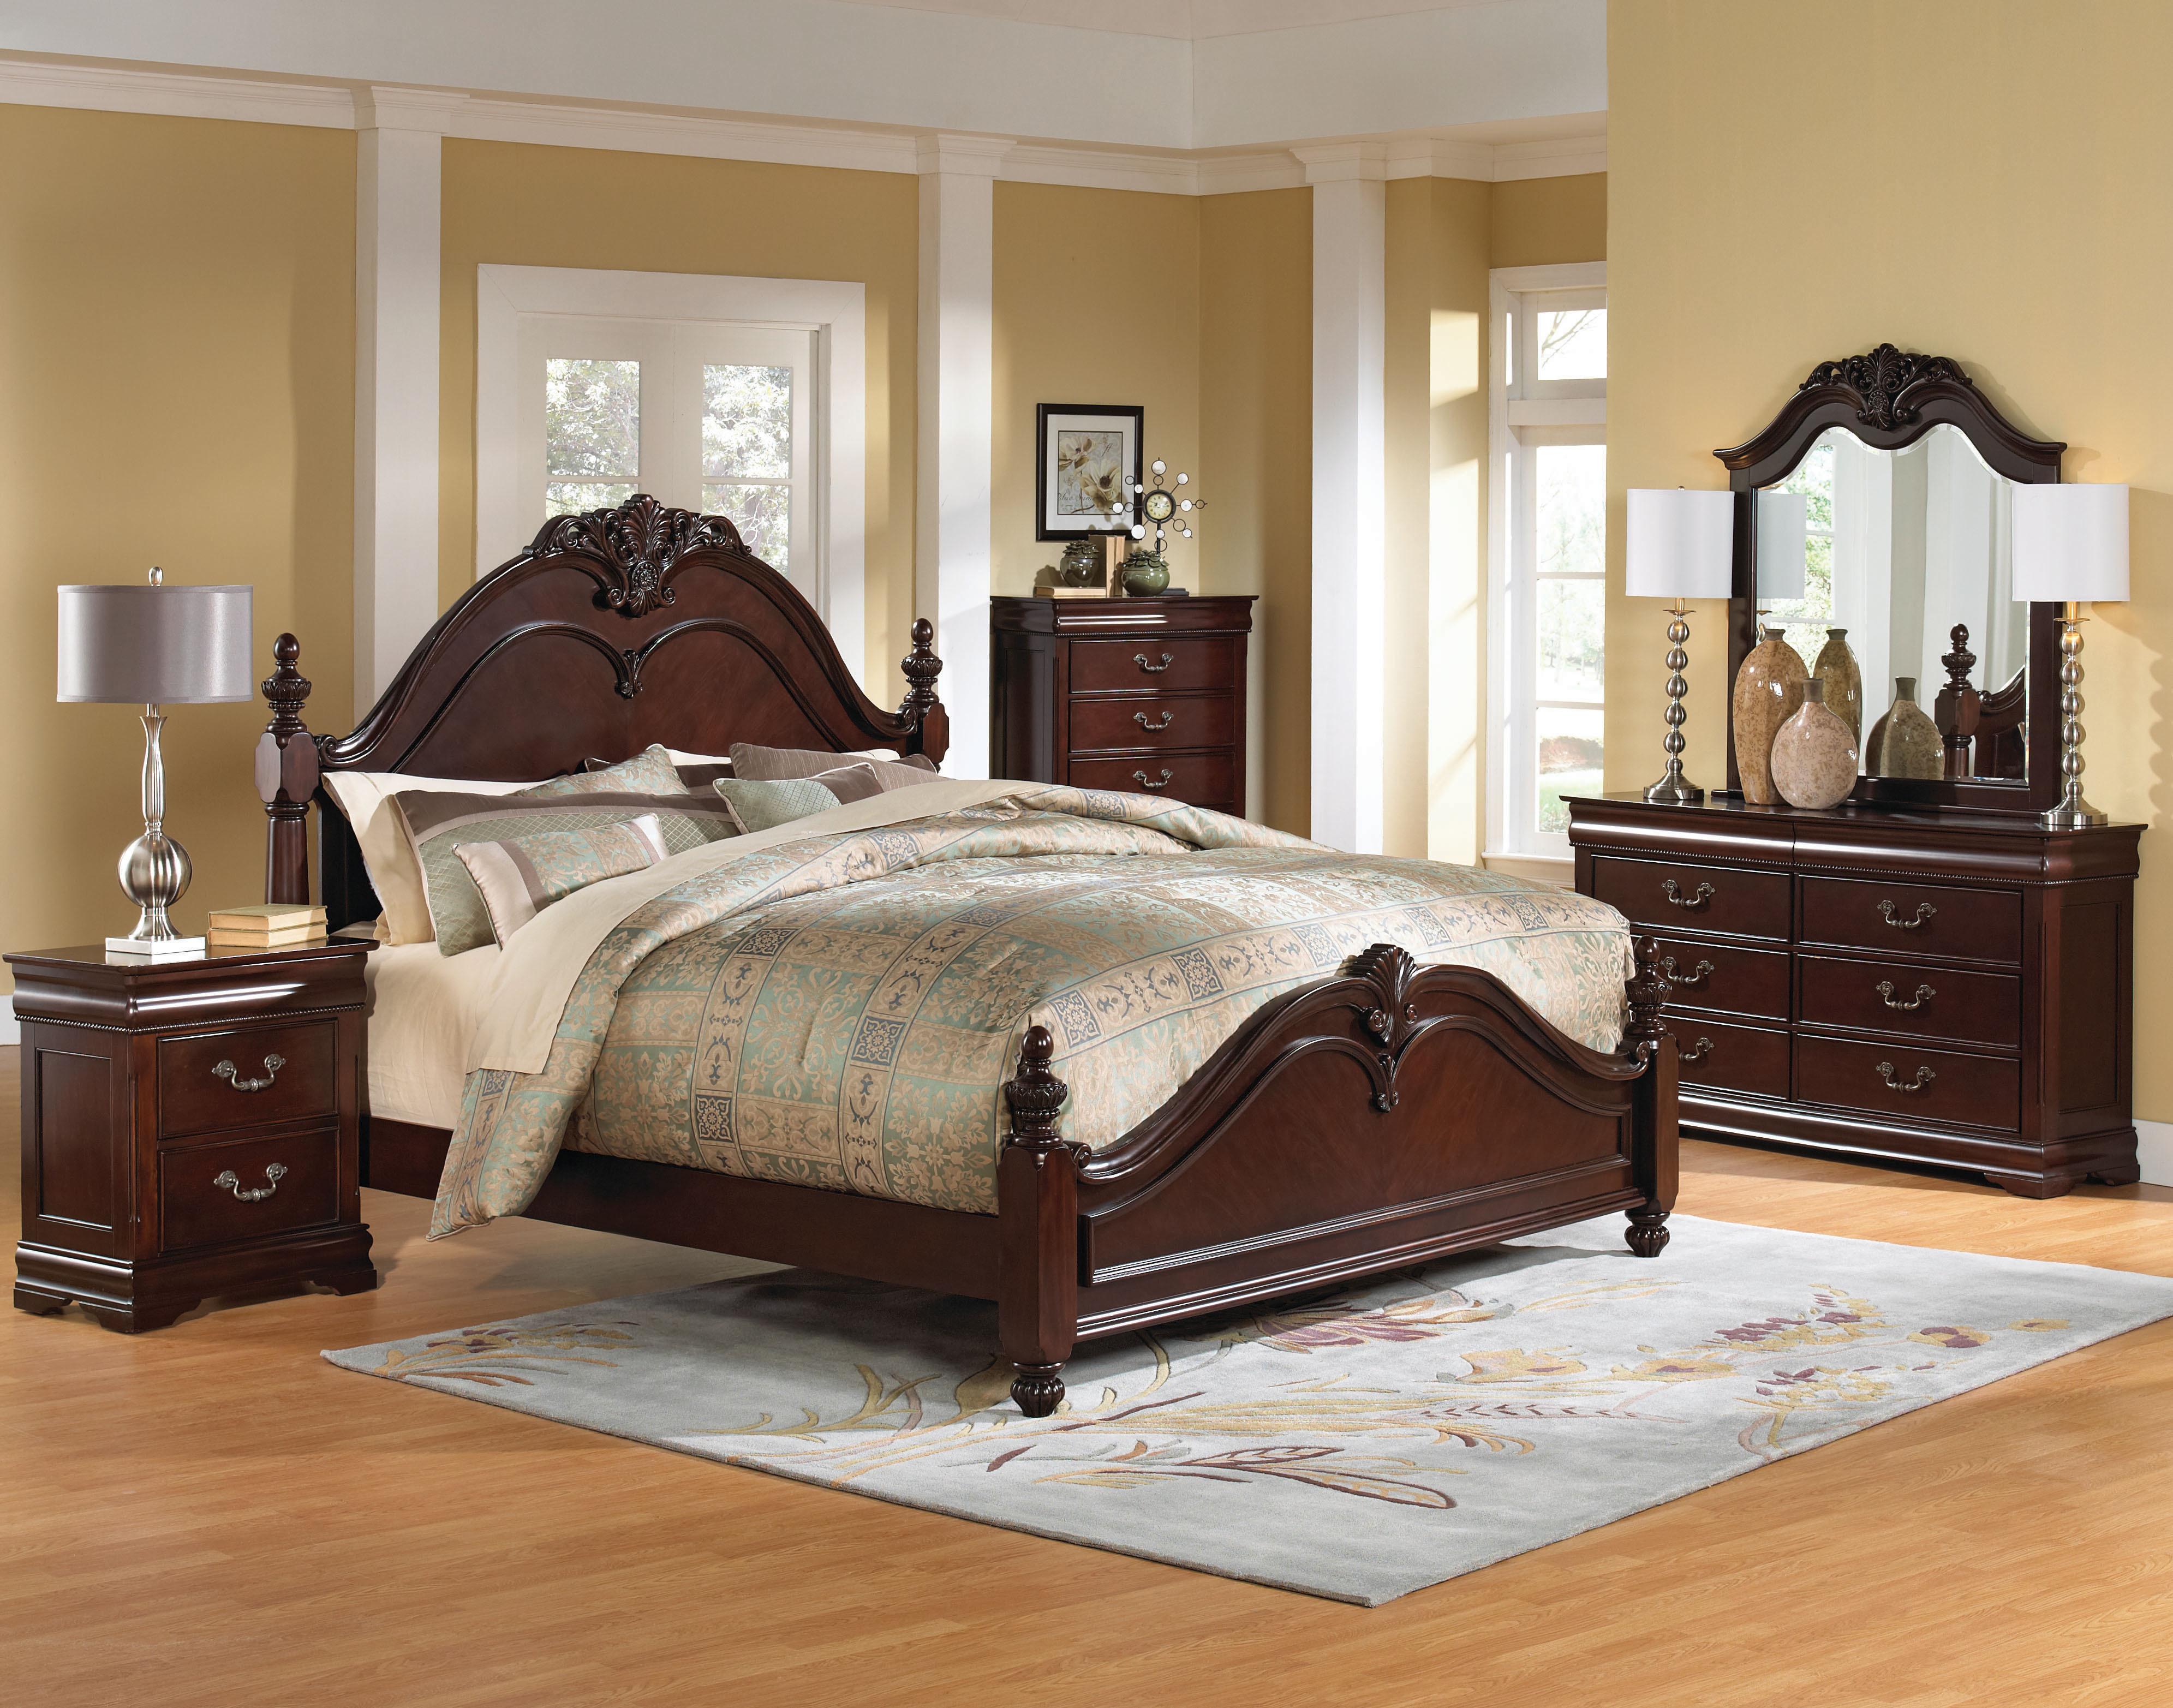 Просторная спальня с кроватью и другими предметами мебели